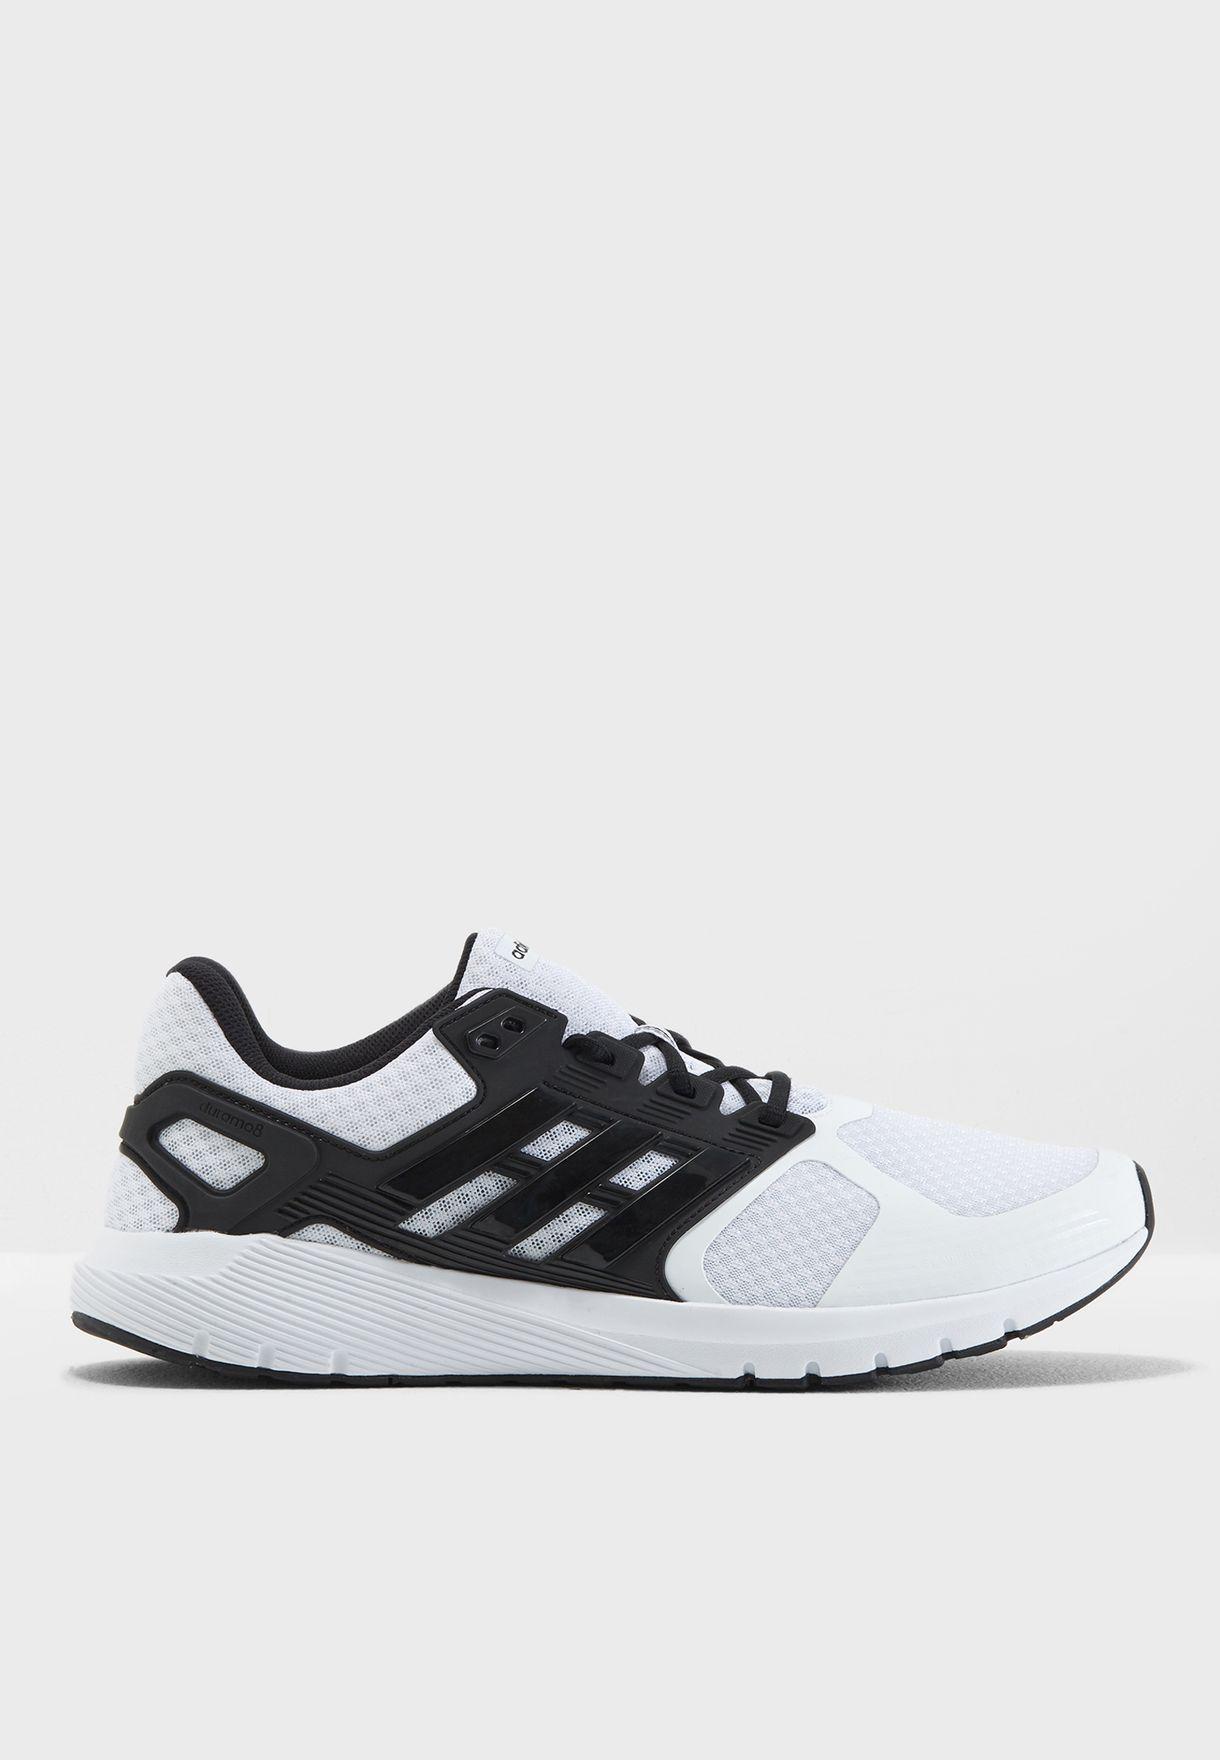 quality design 53e0e 1ab99 adidas. Duramo 8